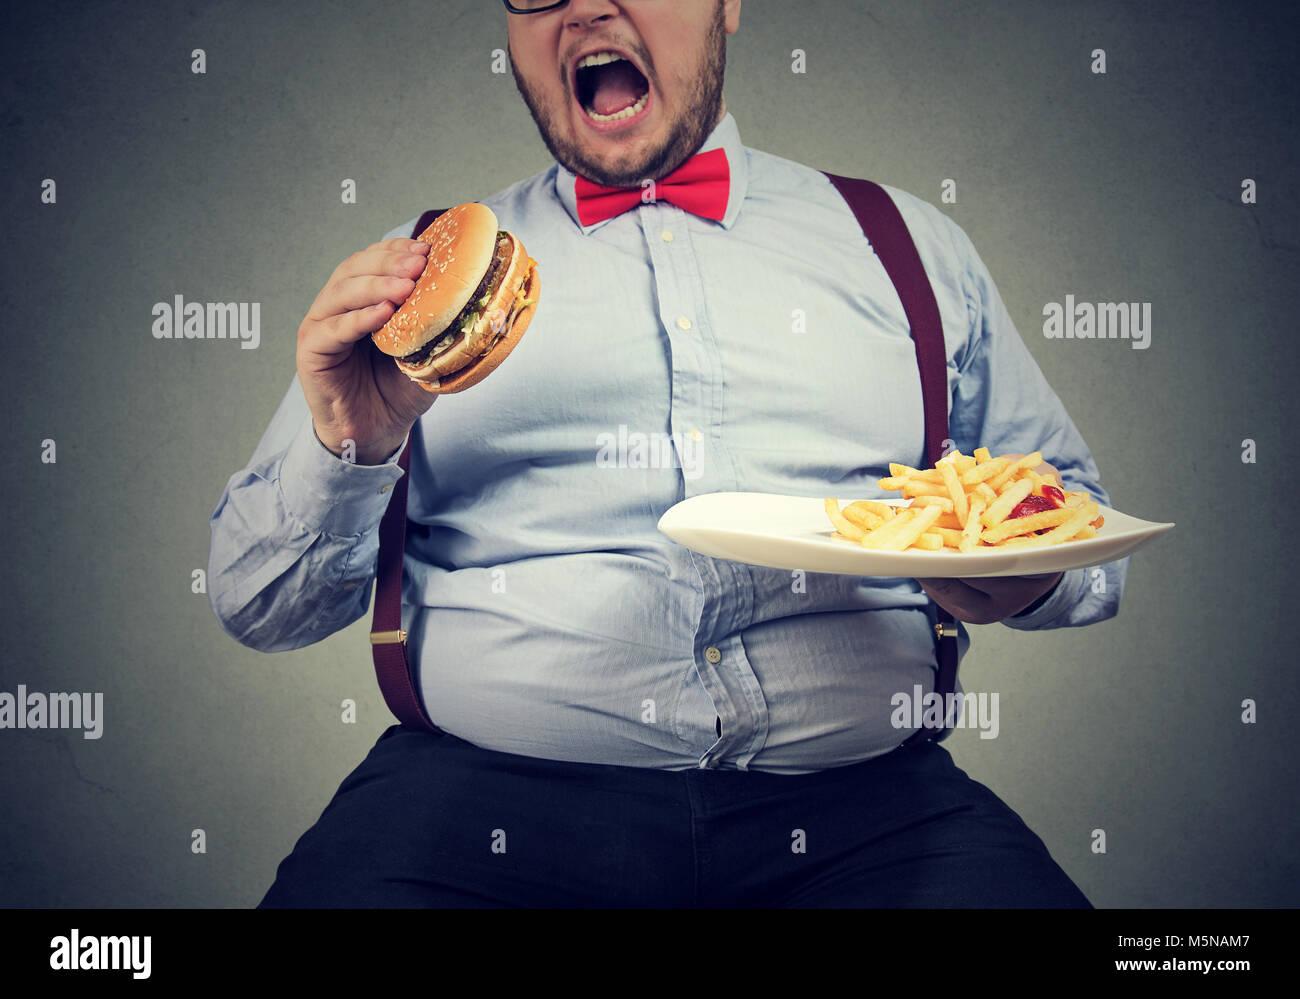 Gran hombre en ropa formal sentados y consumiendo placa con fast food en gris. Imagen De Stock